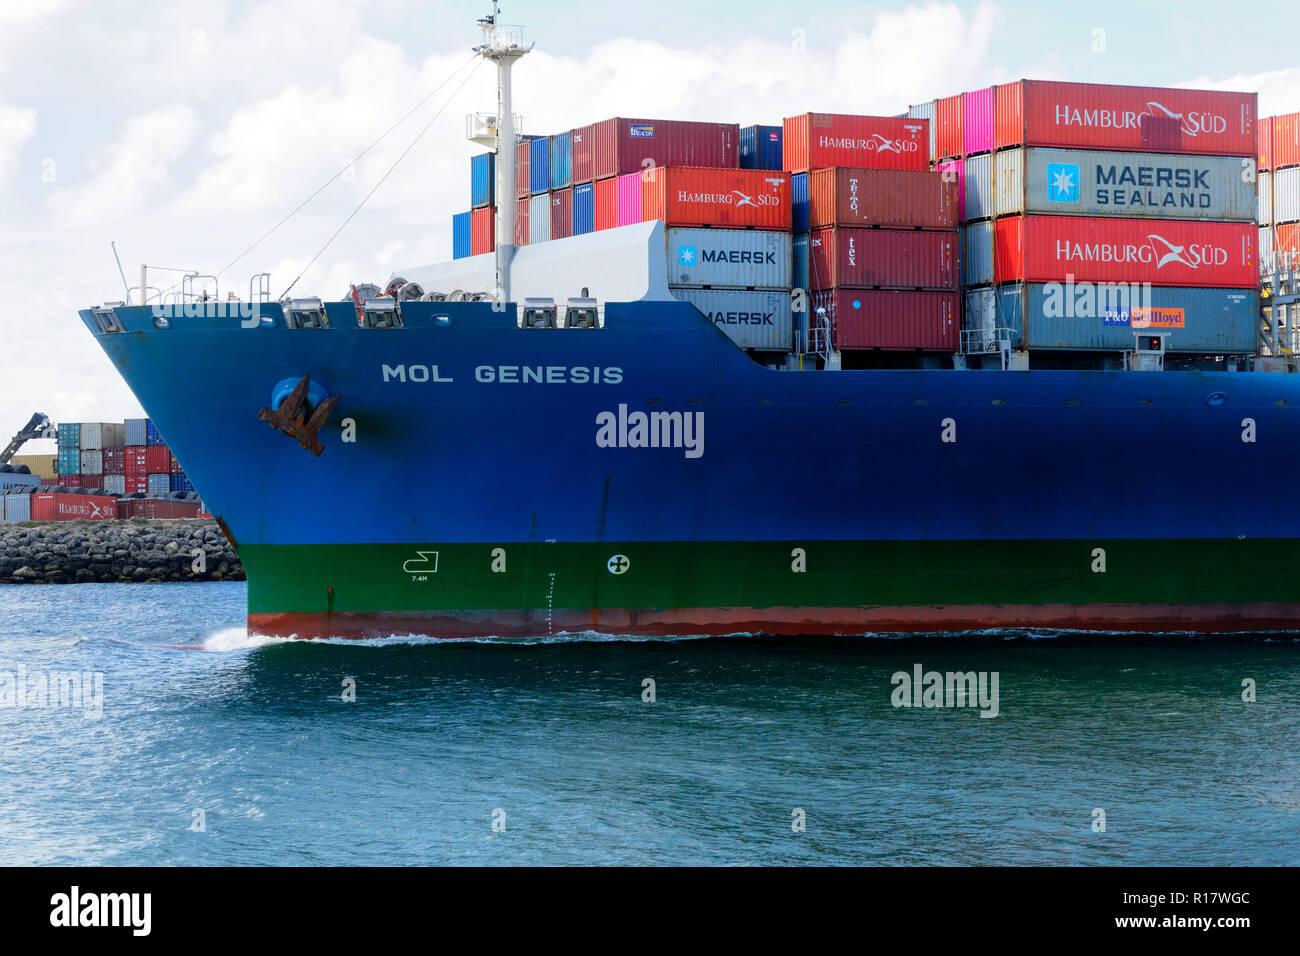 Porte-conteneurs Mol La genèse dans le port de Fremantle, Fremantle, Australie occidentale Photo Stock